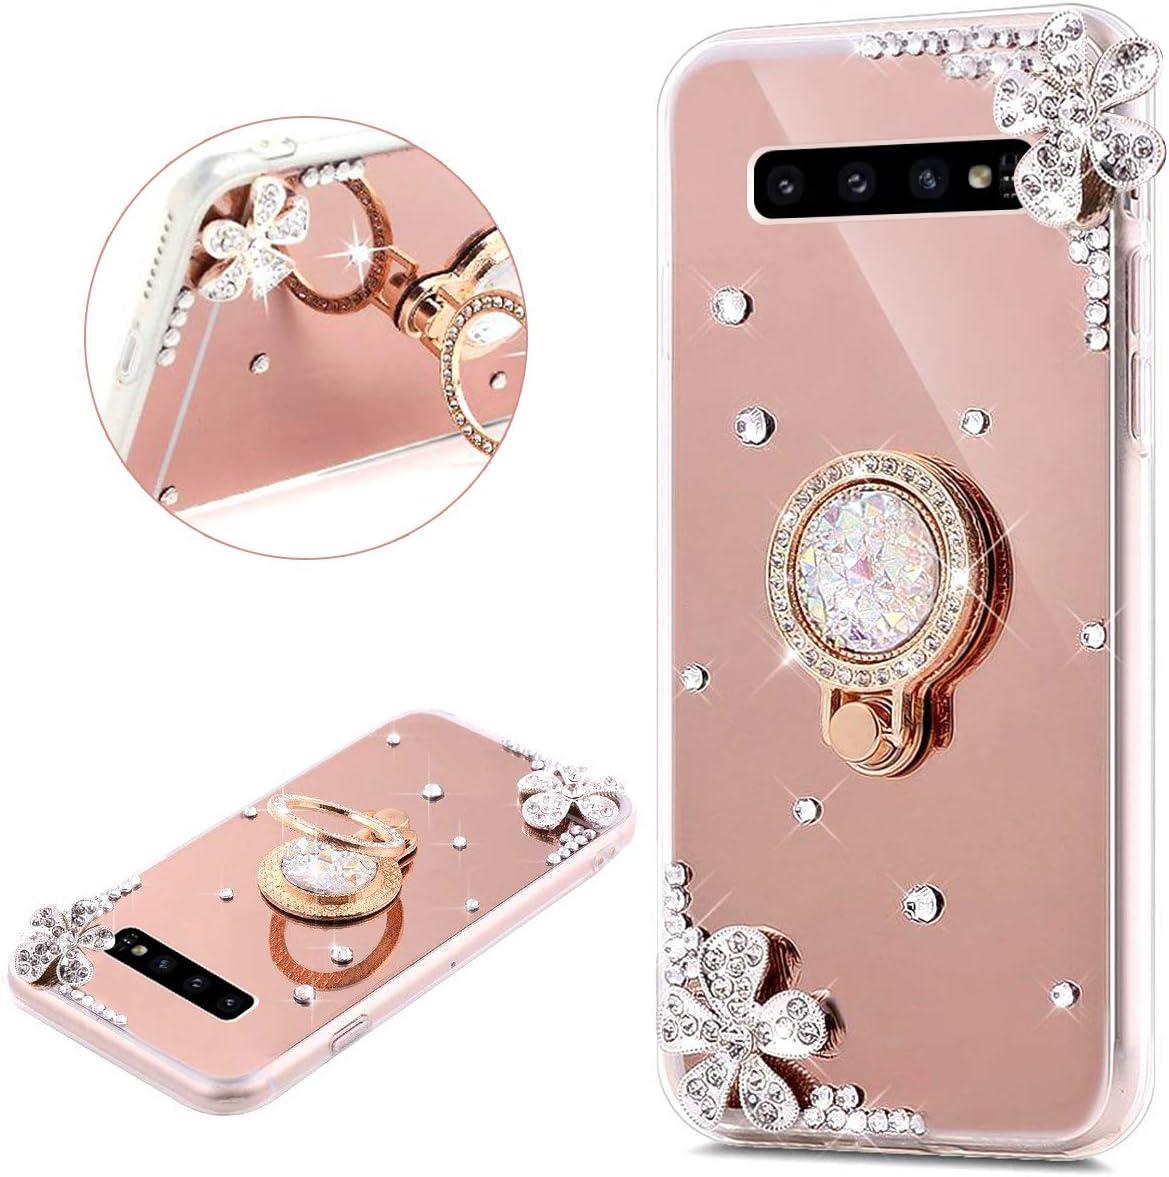 JAWSEU Compatible avec Samsung Galaxy S10 Plus Coque Silicone Glitter Strass Diamant Miroir Bague de Support,Luxe Mode Cristal Clair Fleur Miroir Etui SoupleTPU Gel T/él/éphone Coque Bumper Case,or rose